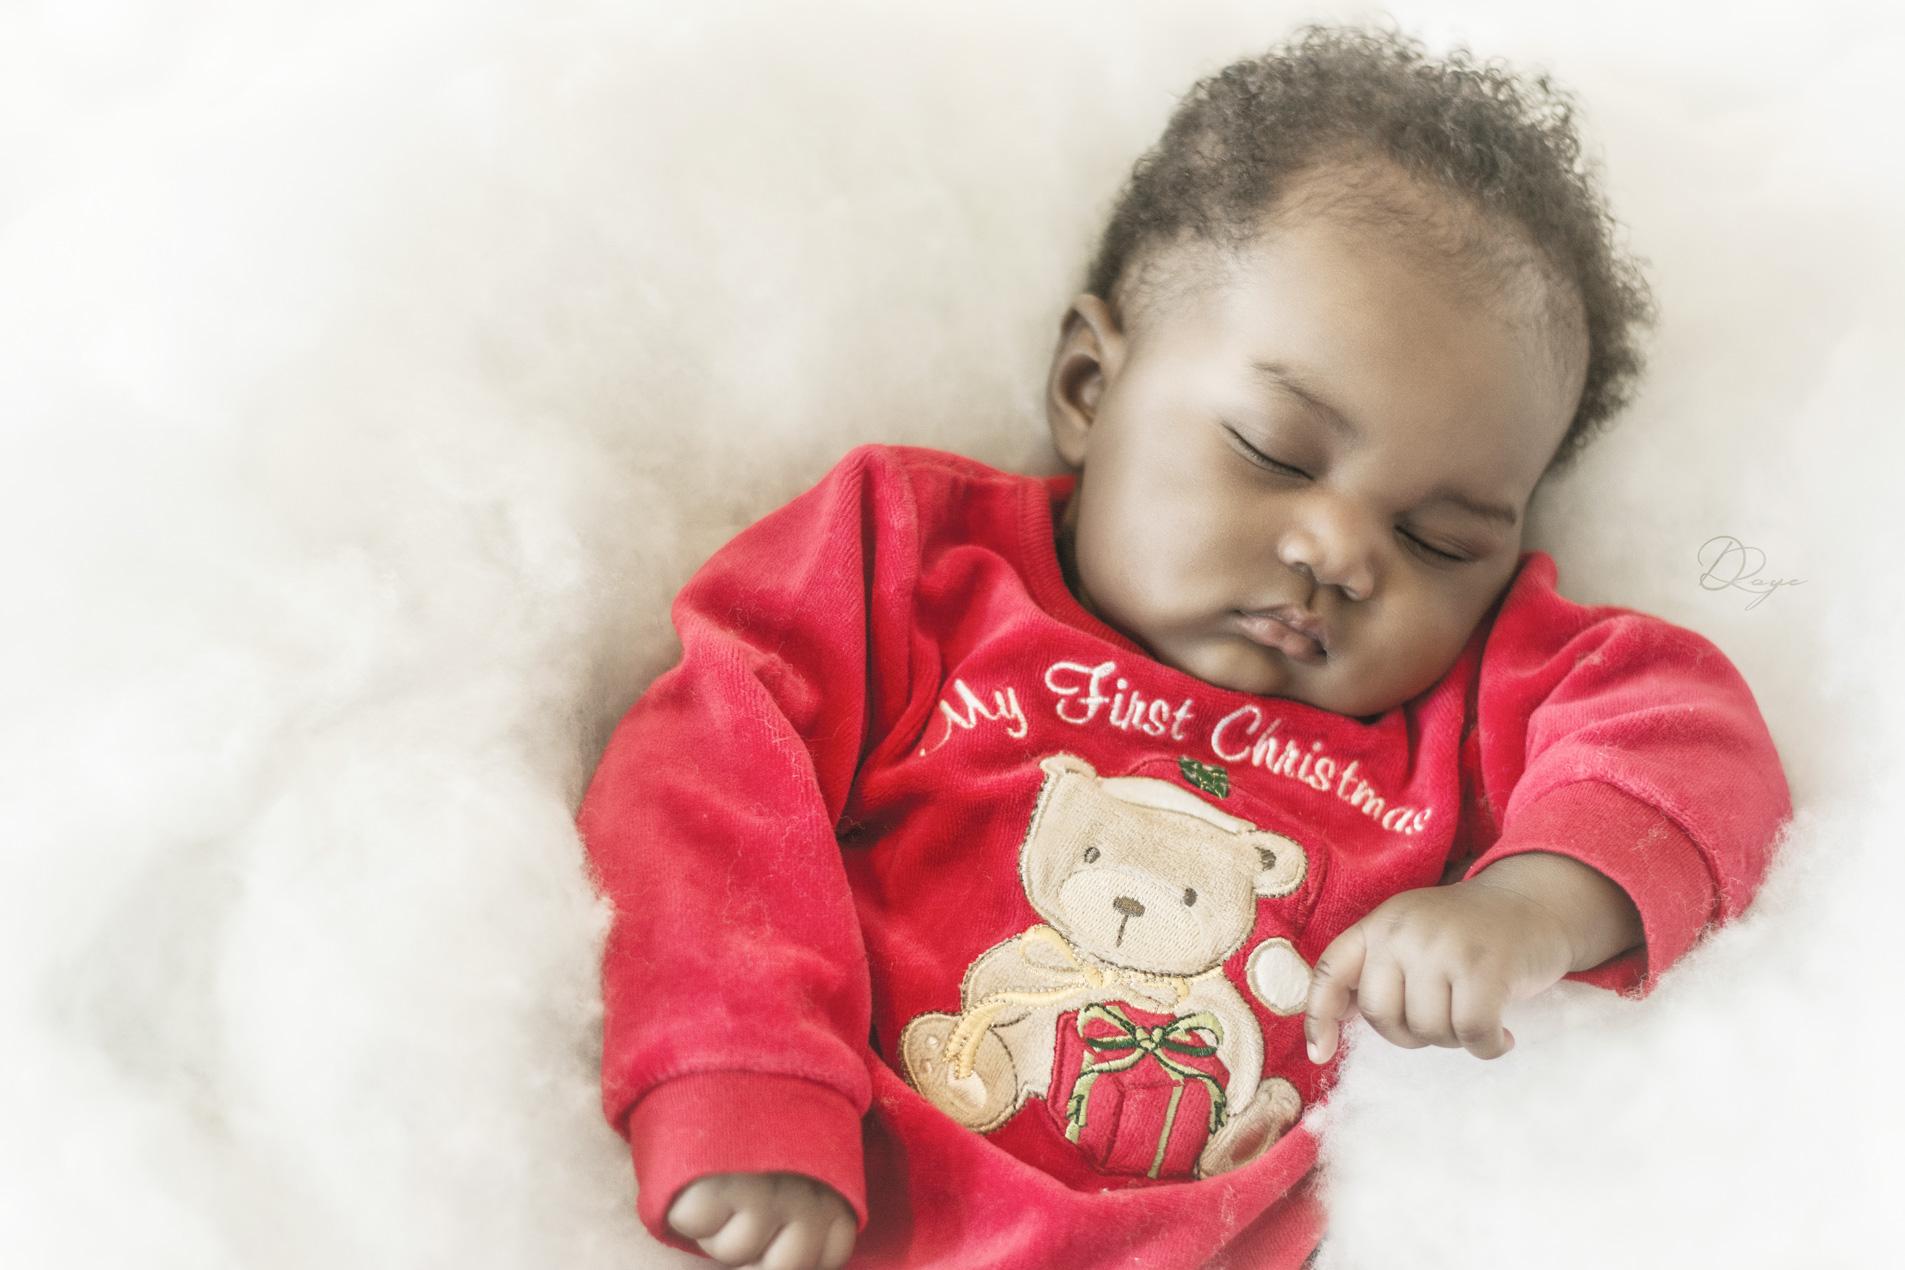 Kelan's 1st Christmas